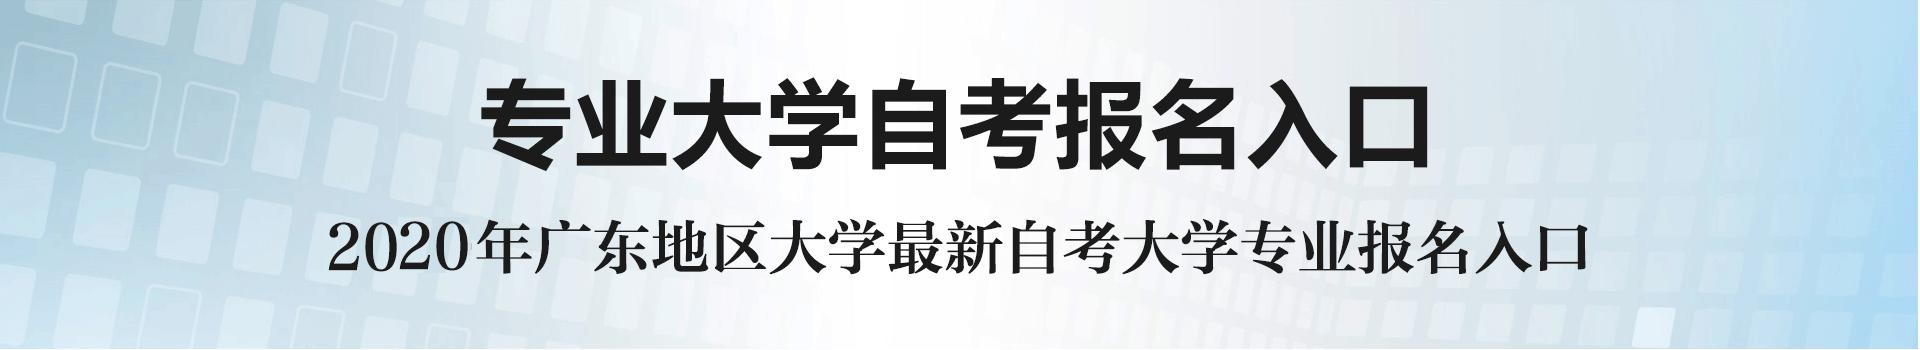 深圳自考网